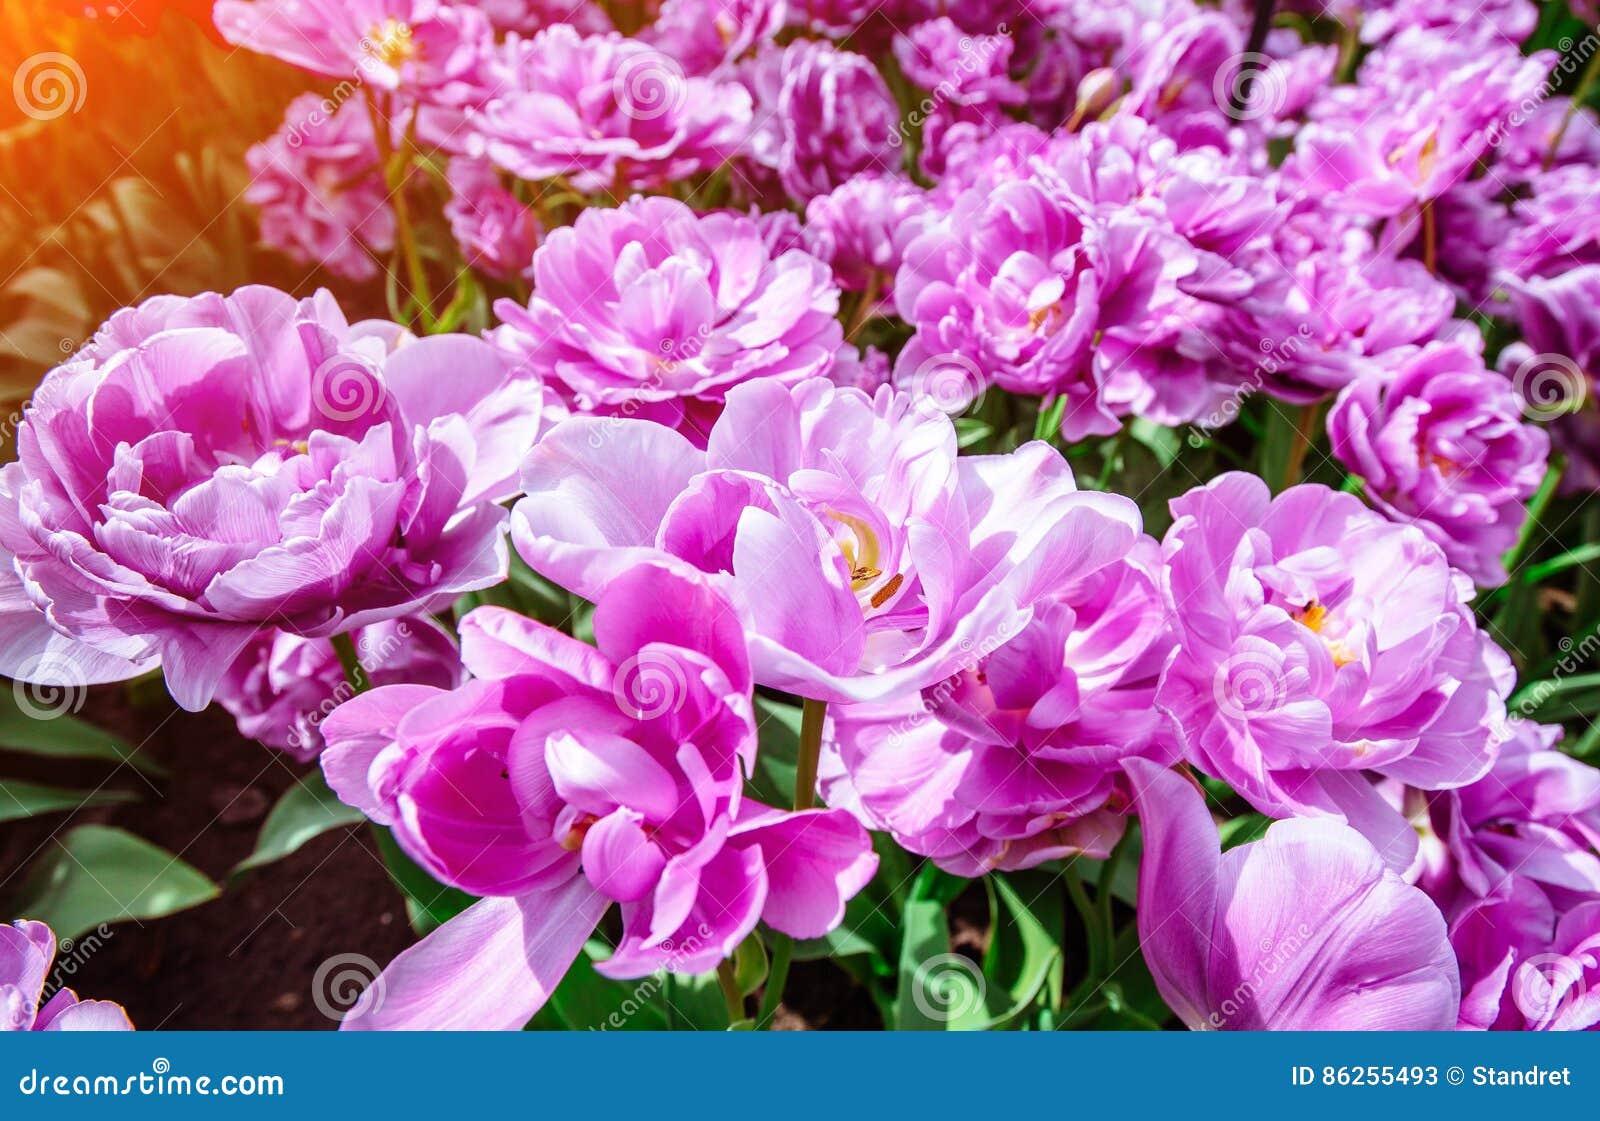 Fiori Meravigliosi.Fiori Meravigliosi Del Tulipano Nel Parco Di Keukenhof Immagine